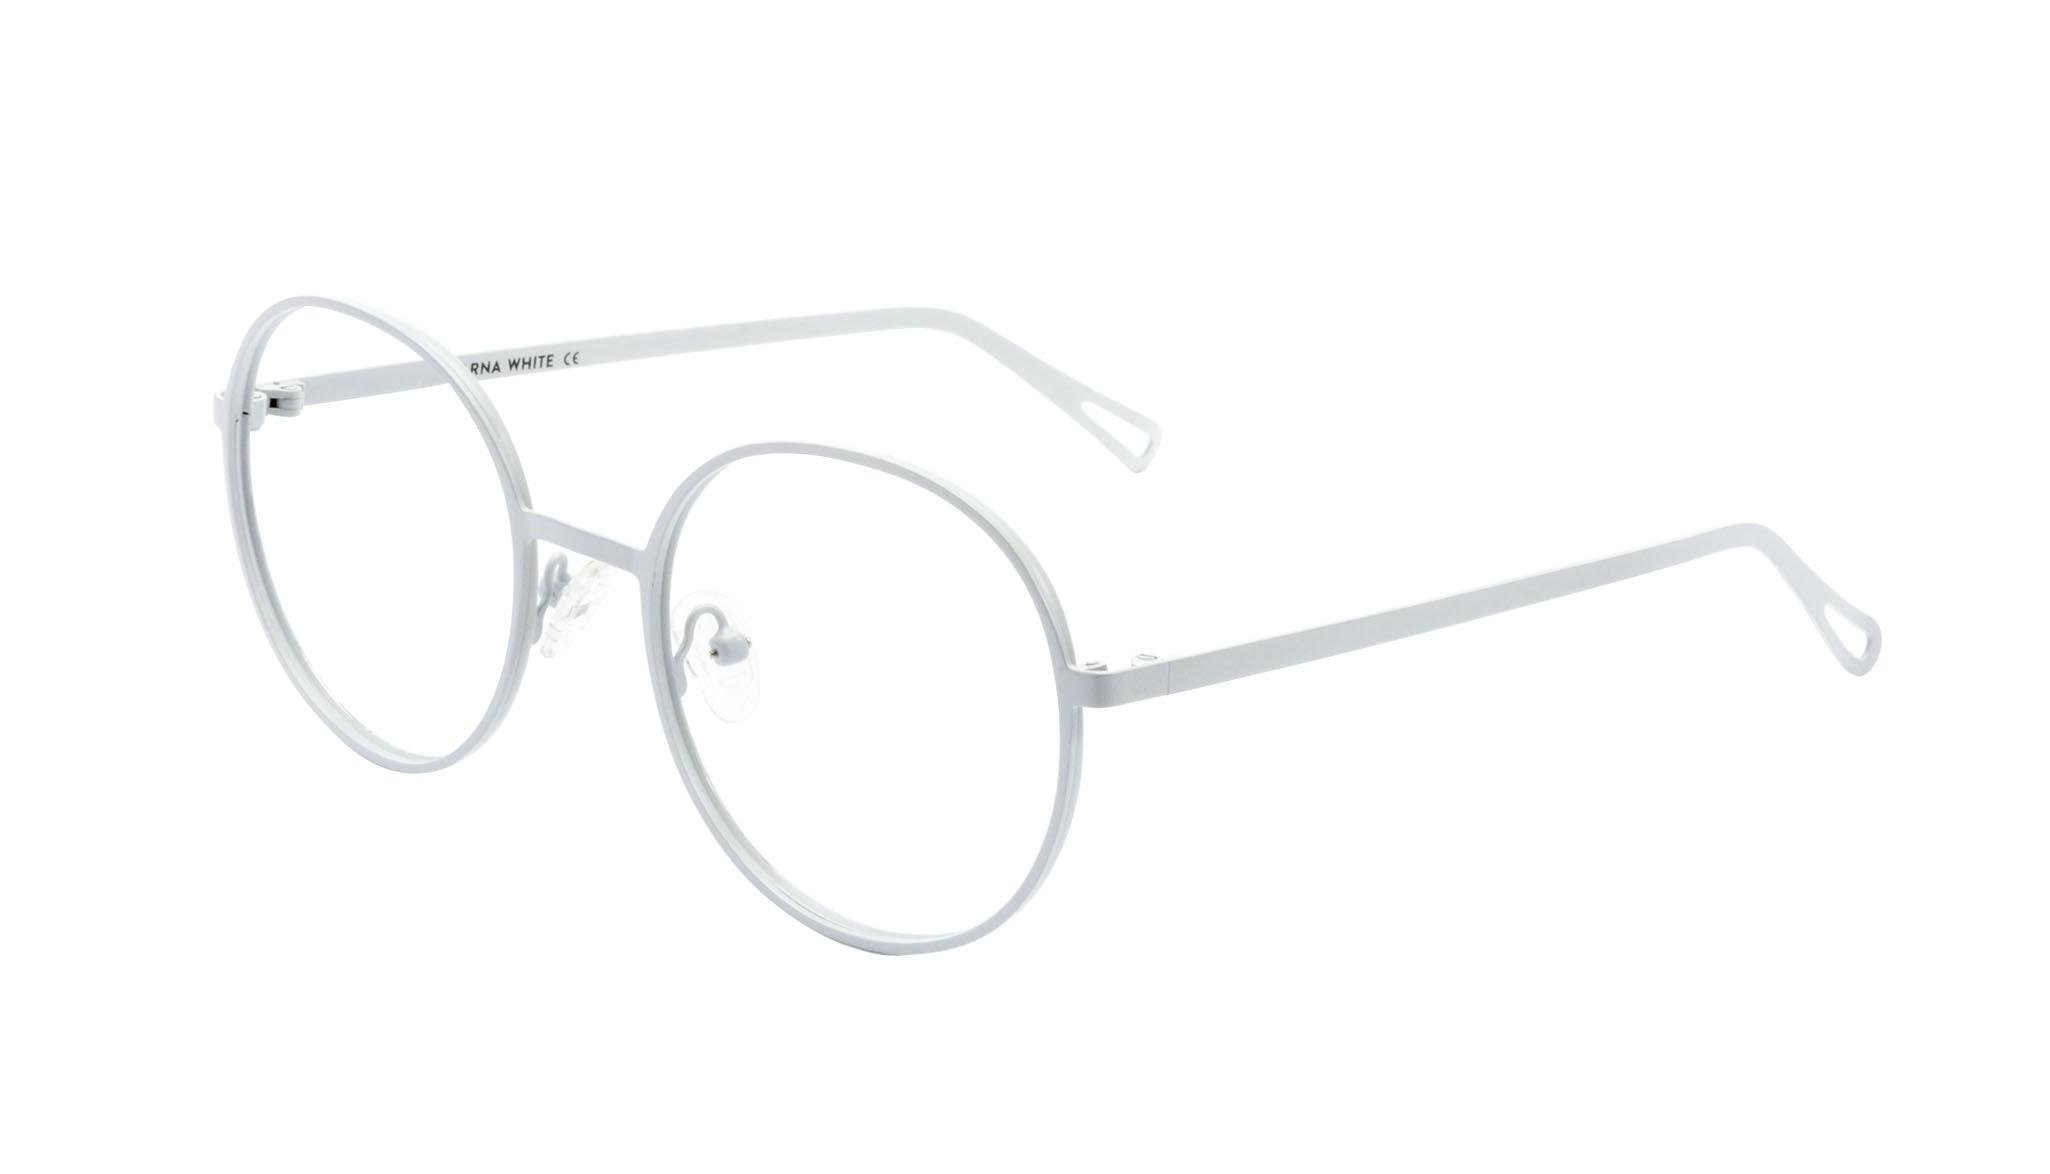 Affordable Fashion Glasses Round Eyeglasses Men Varna White Tilt